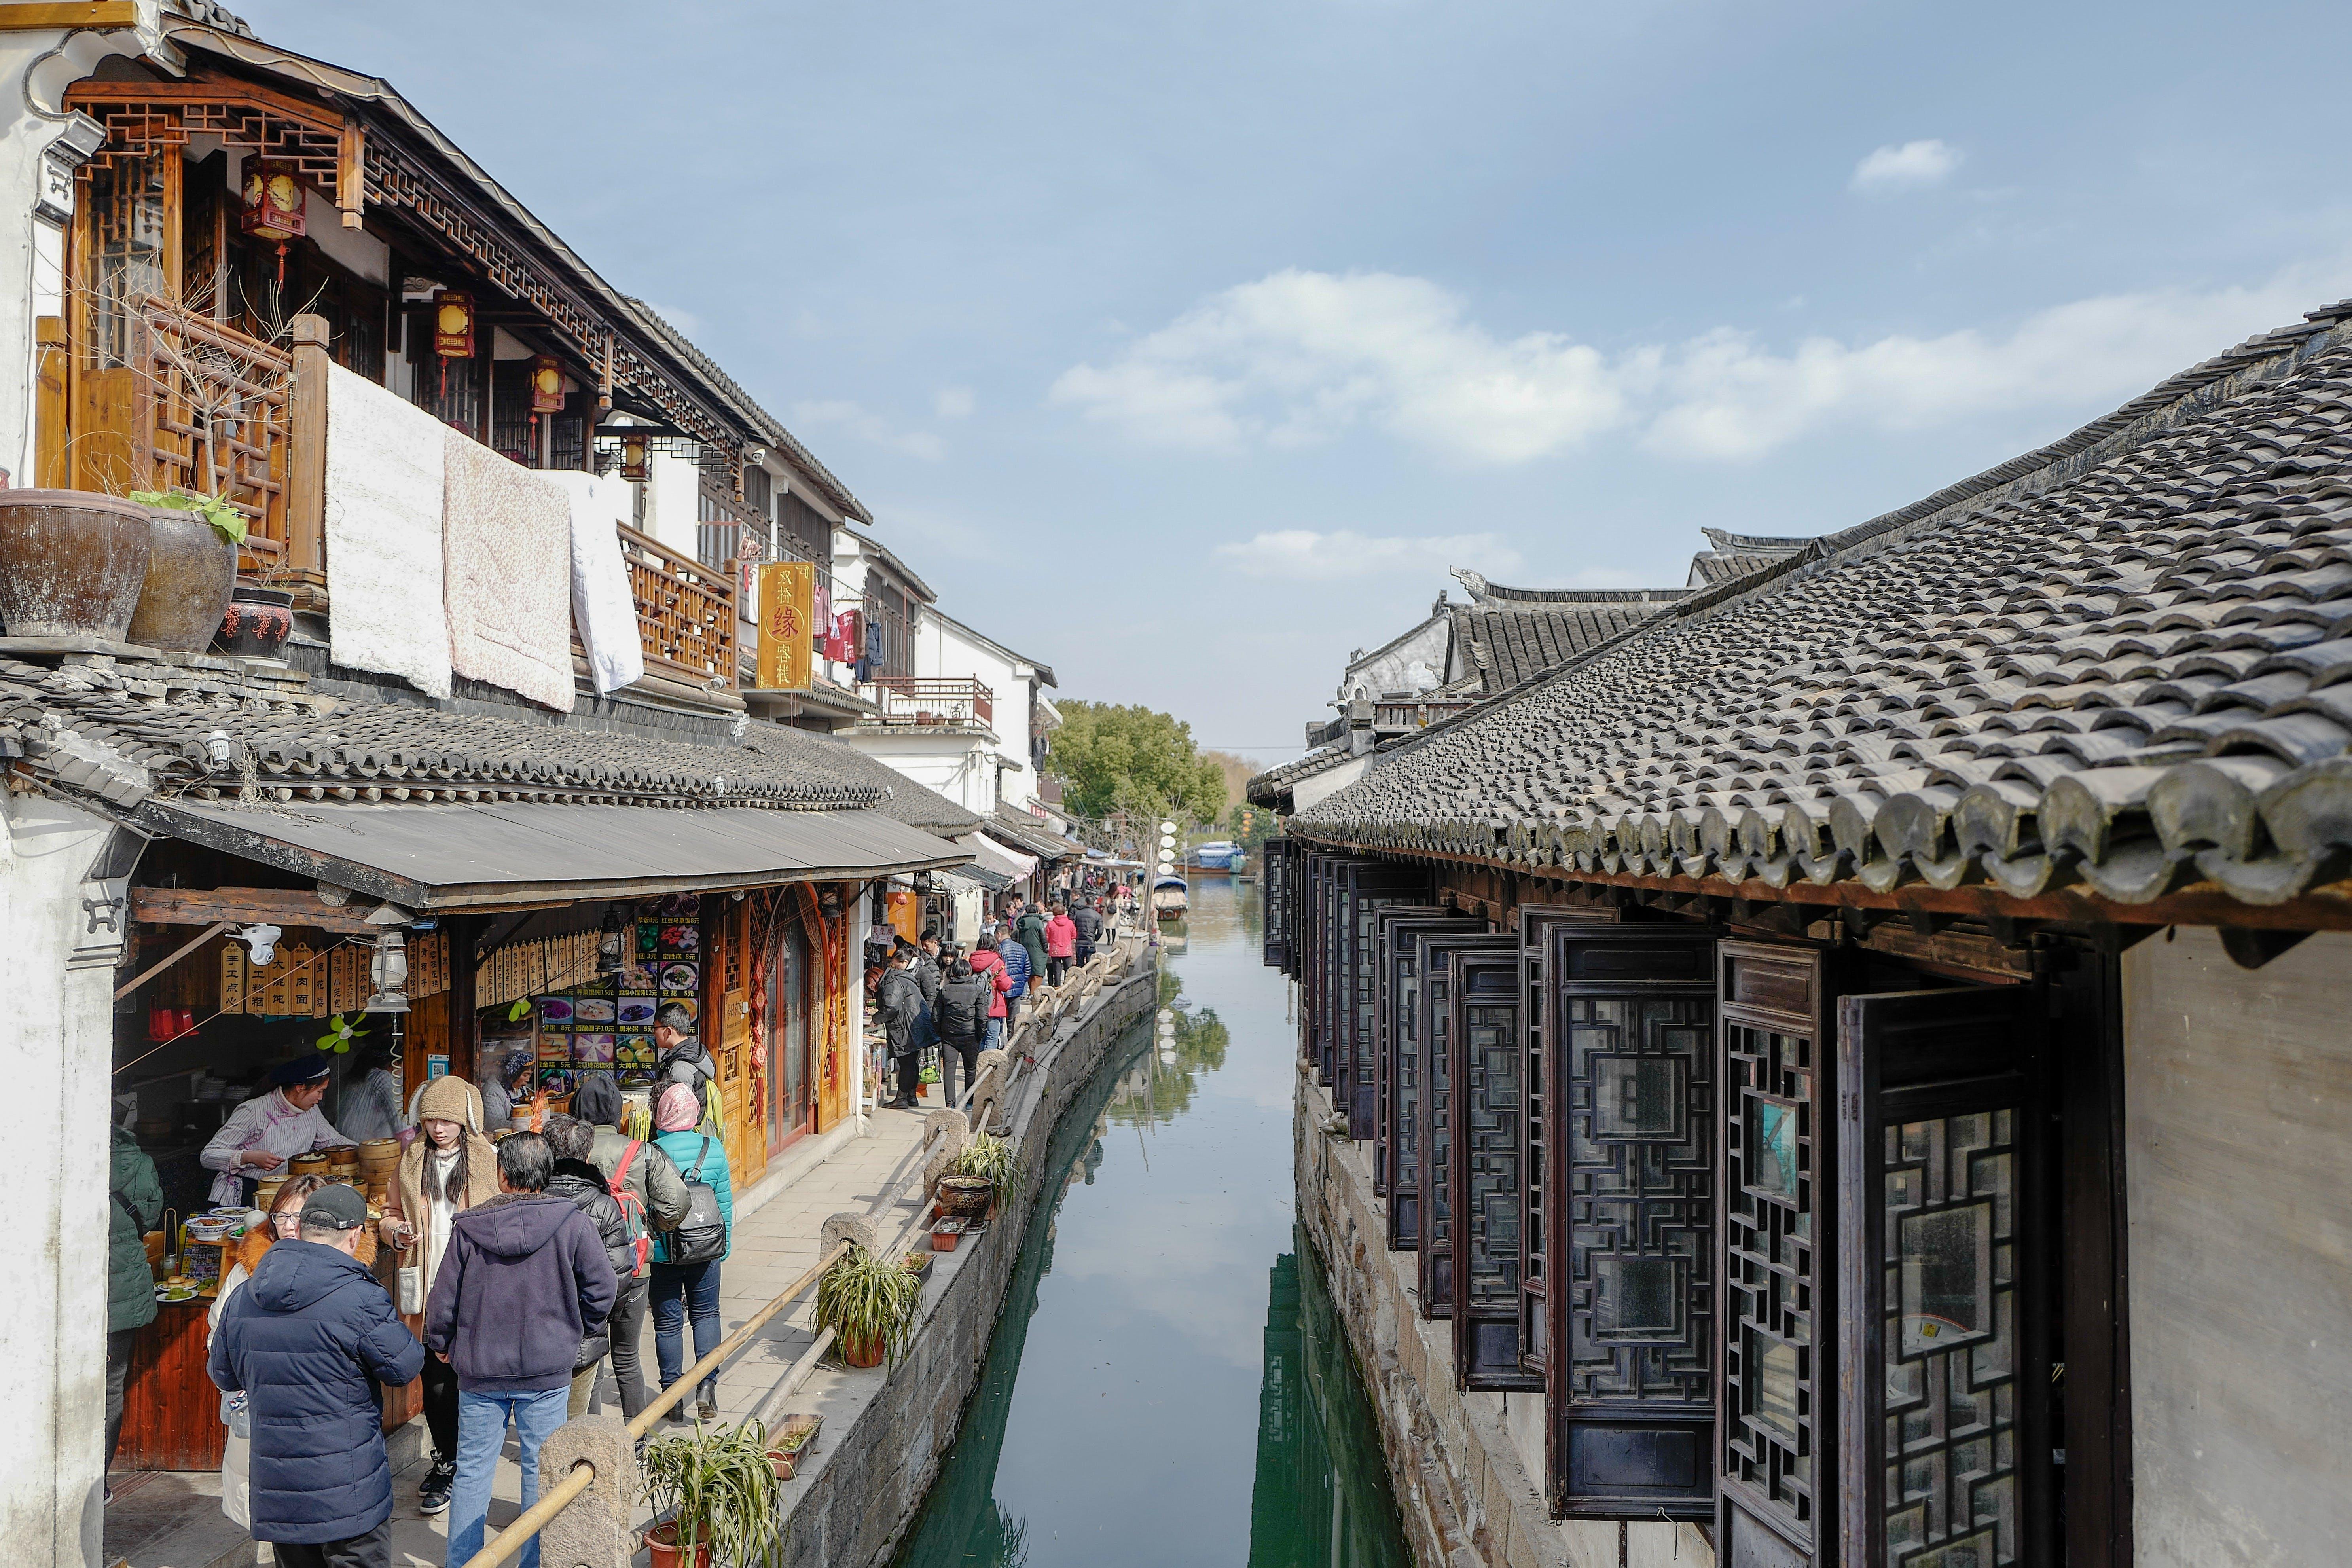 με αγορά, Άνθρωποι, αρχιτεκτονική, Ασιατική αρχιτεκτονική